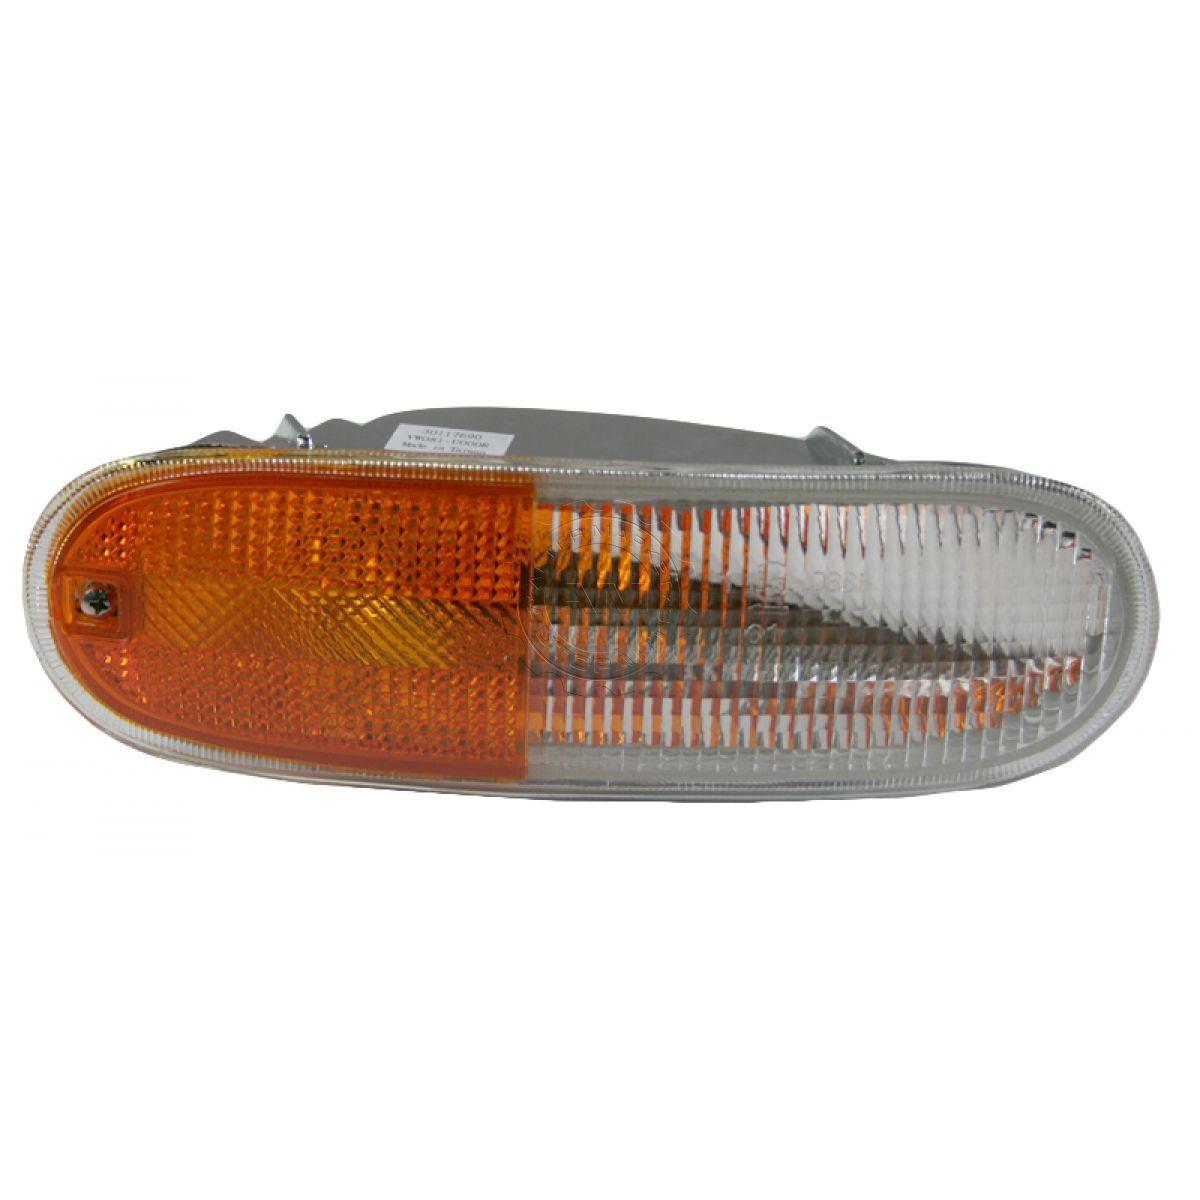 コーナーライト Turn Signal Marker Corner Light Right Passenger Side for 98-01 Volkswagen Beetle 98-01フォルクスワーゲンビートル用の信号マーカーコーナーライト右の乗客側